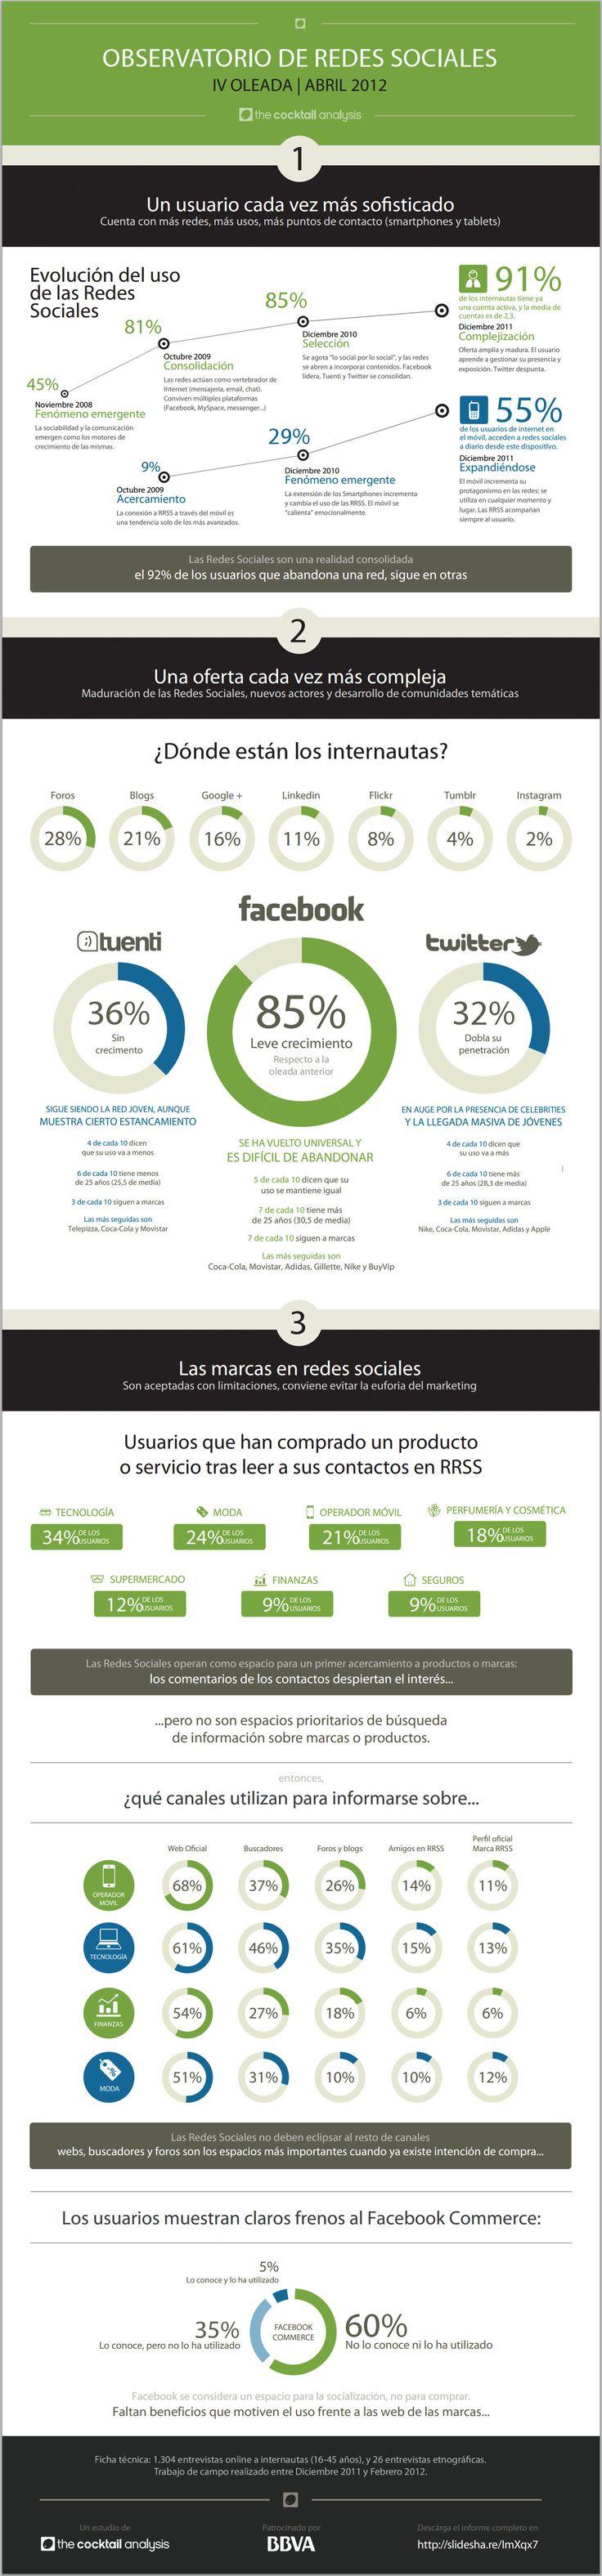 Como ha evolucionado el uso de las #redessociales en España #socialmedia